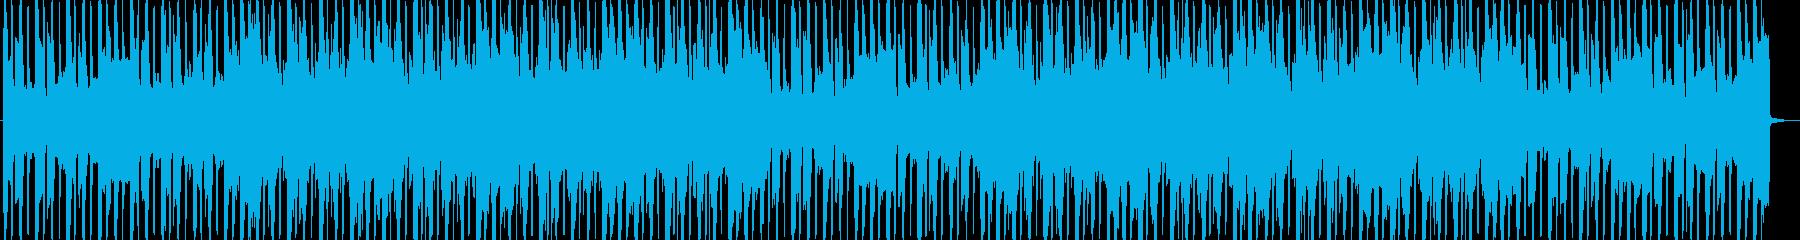 ジャジー、ヒップホップ、お洒落、CM等にの再生済みの波形